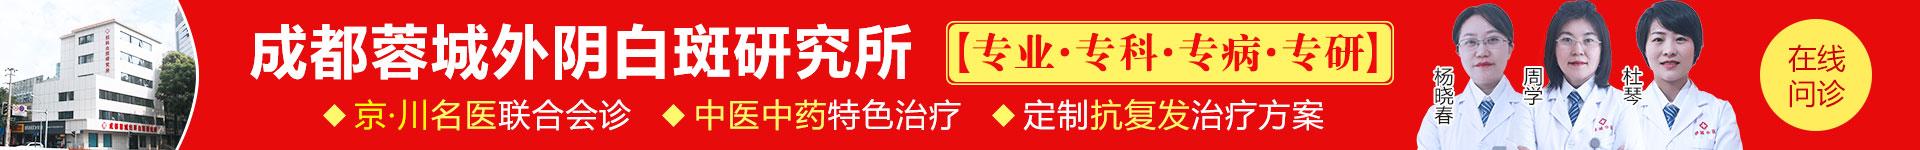 成都蓉城外阴白斑医院